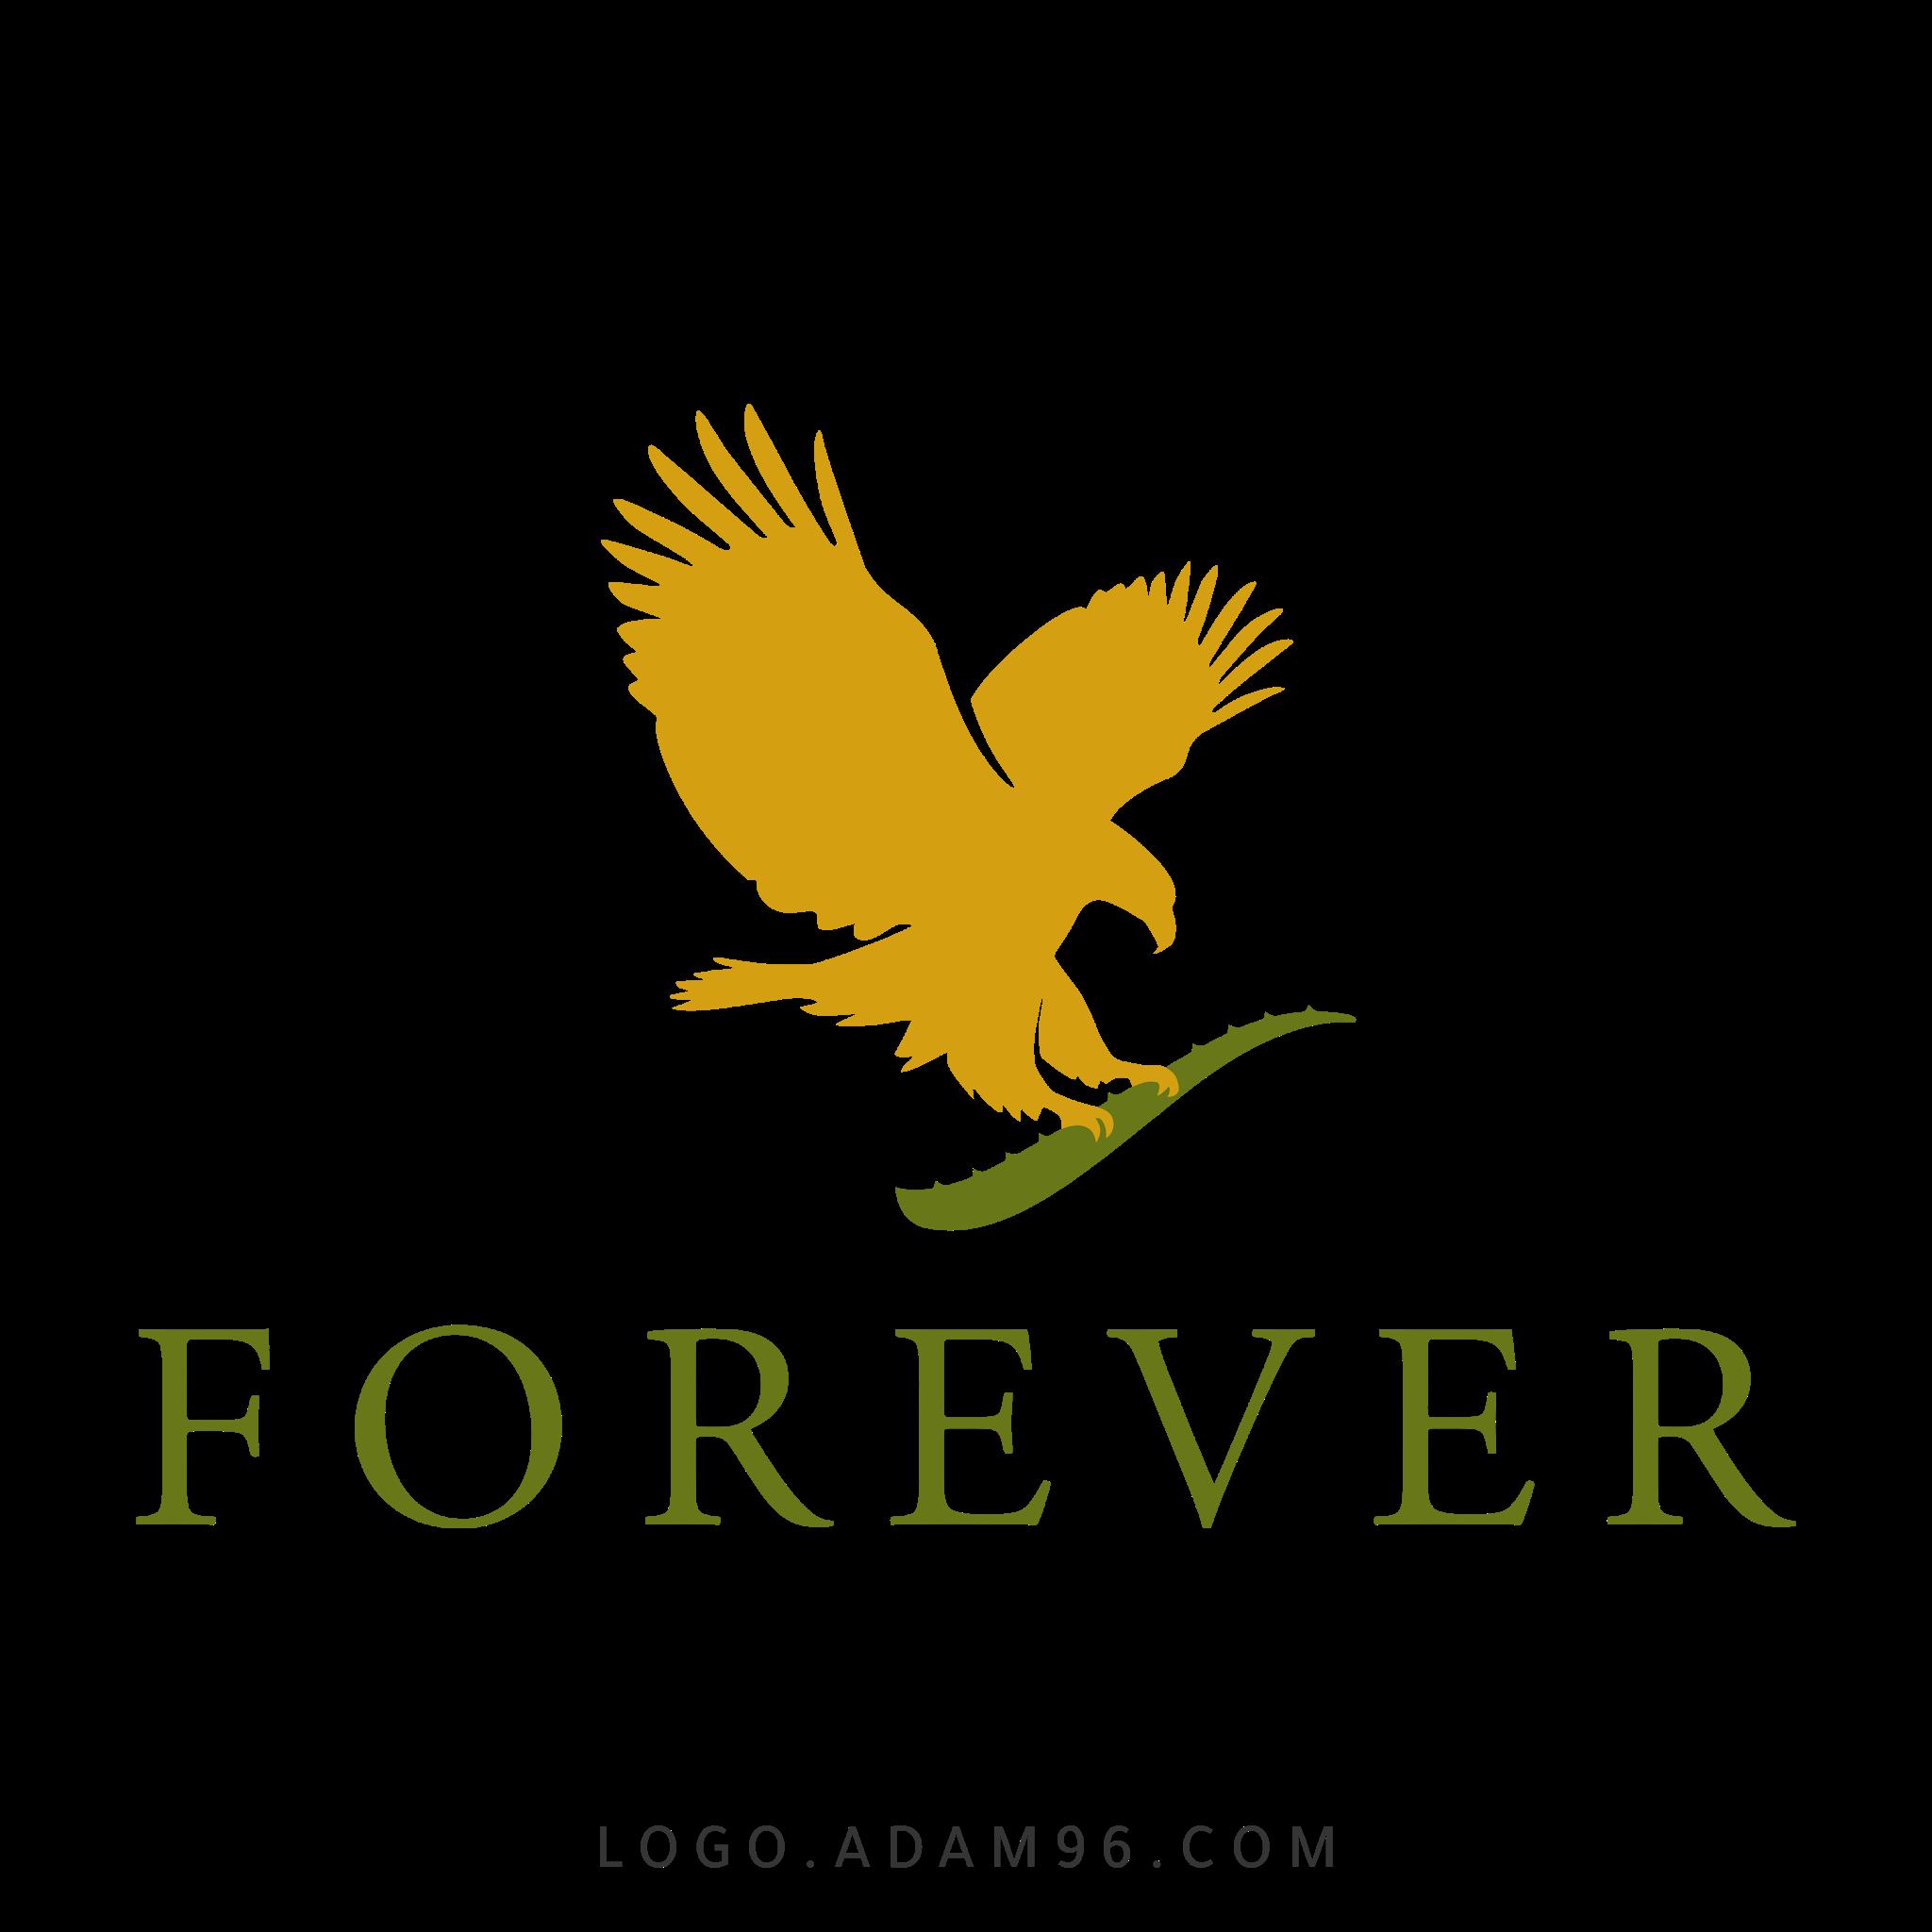 تحميل شعار شركة فوريفر العالمية لوجو رسمي عالي الدقة بصيغة PNG